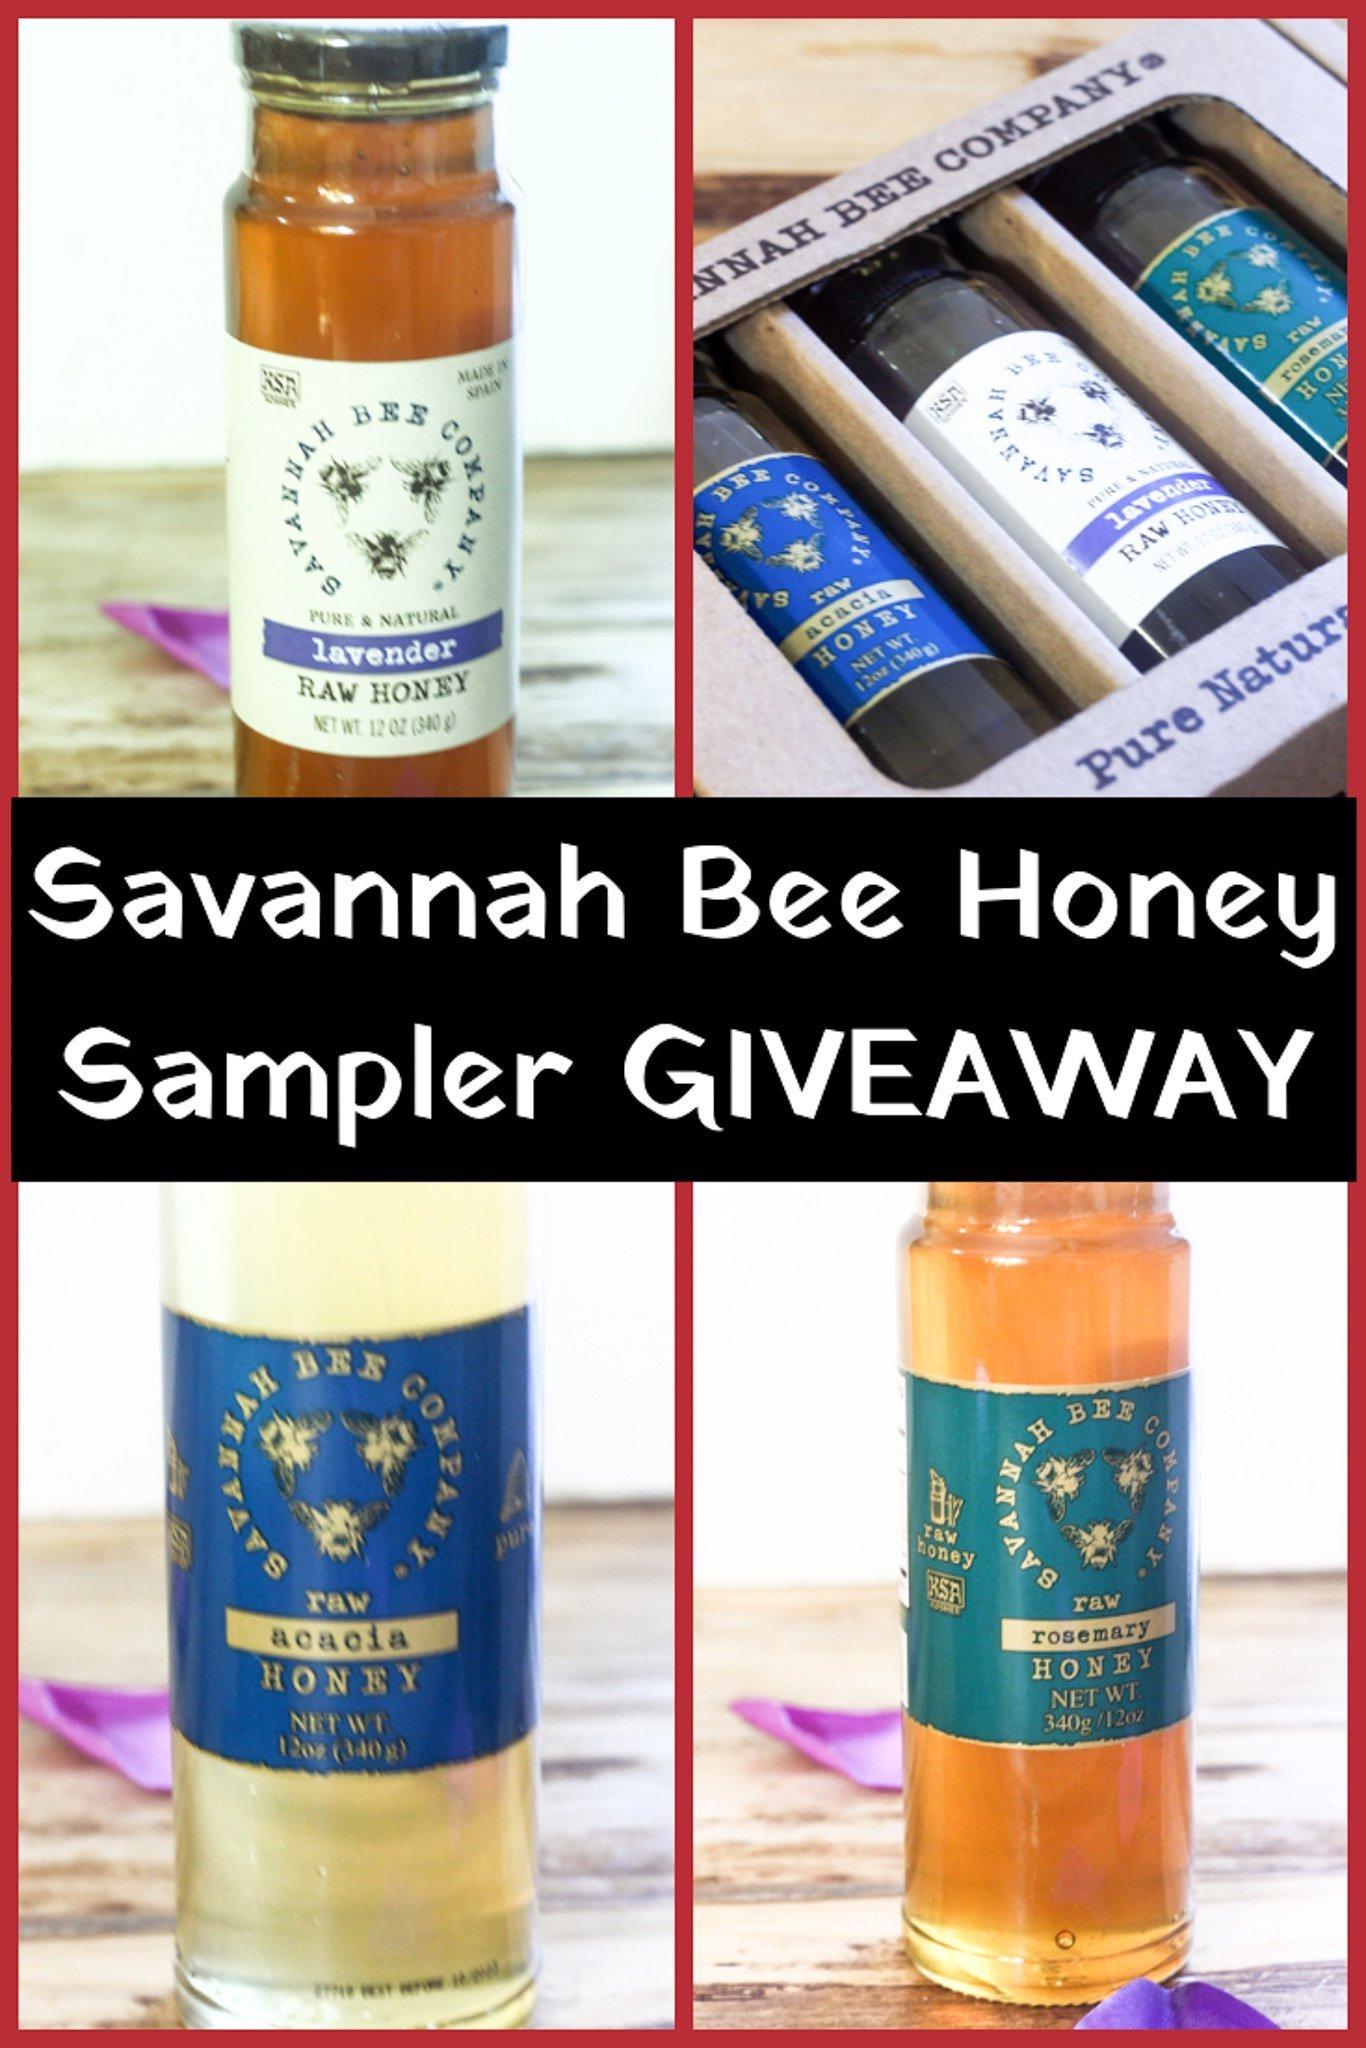 Savannah Bee Honey Giveaway